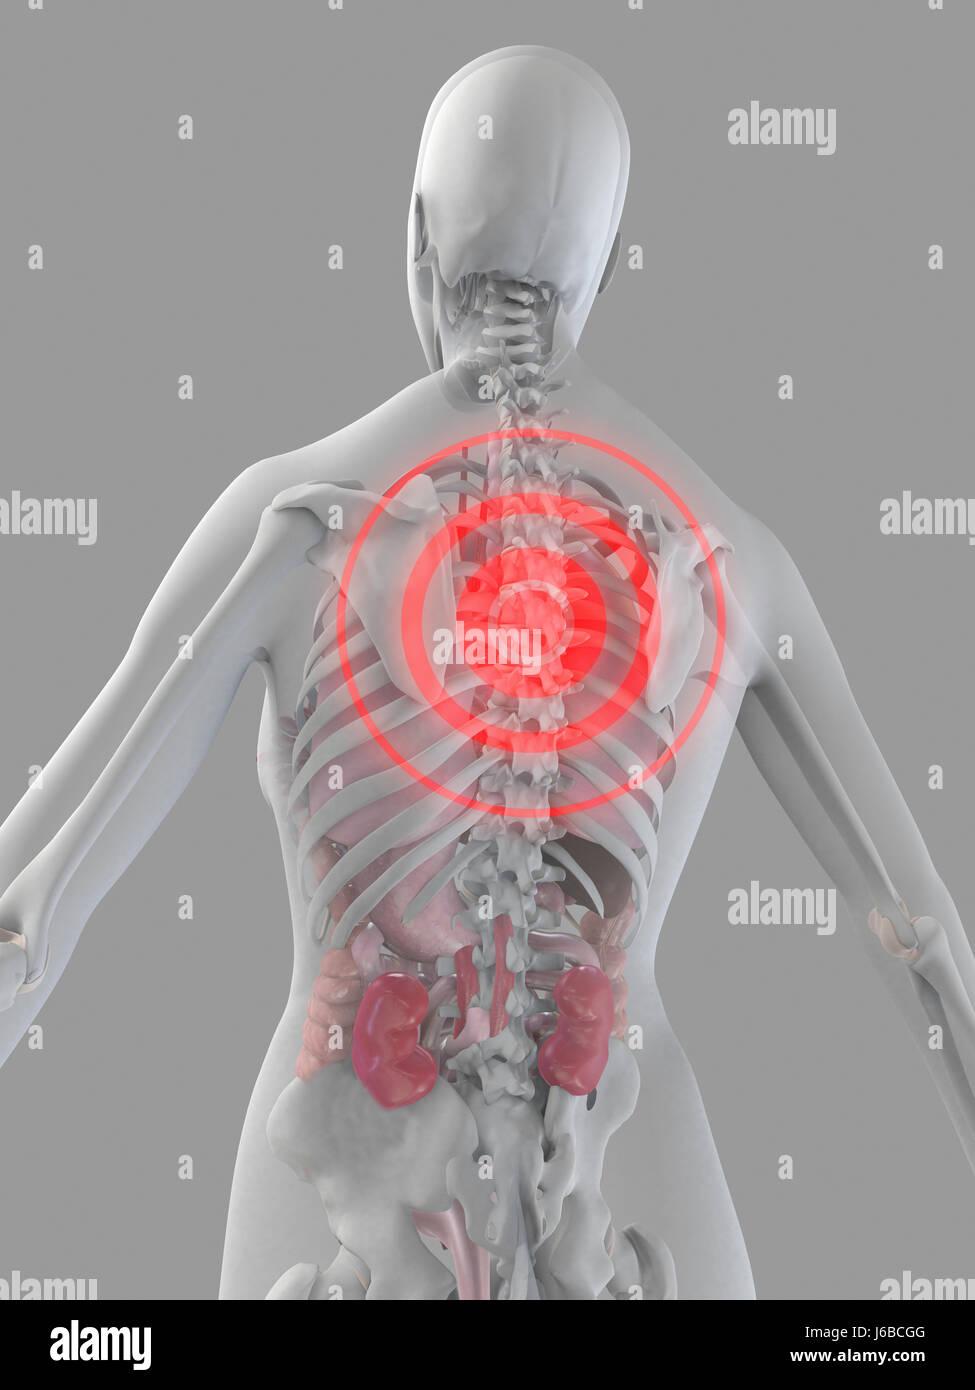 Großartig Anatomie Des Unteren Rückens Bilder - Physiologie Von ...